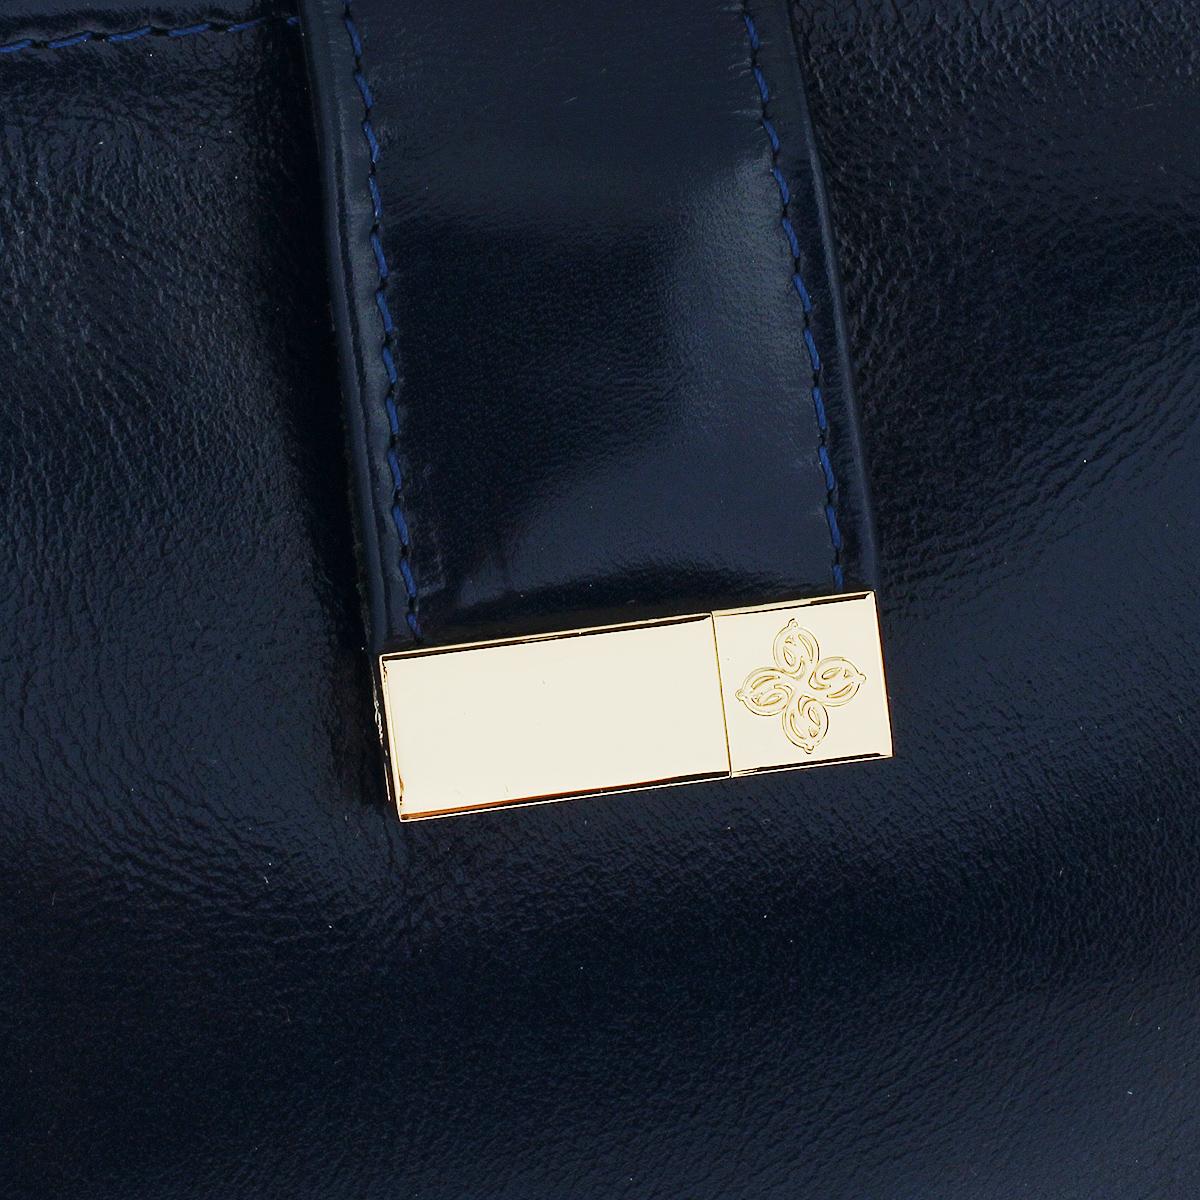 """Сумка-клатч женская Dimanche """"Bowling Bag"""", цвет: синий. 435/3/R ( 435/3/R )"""